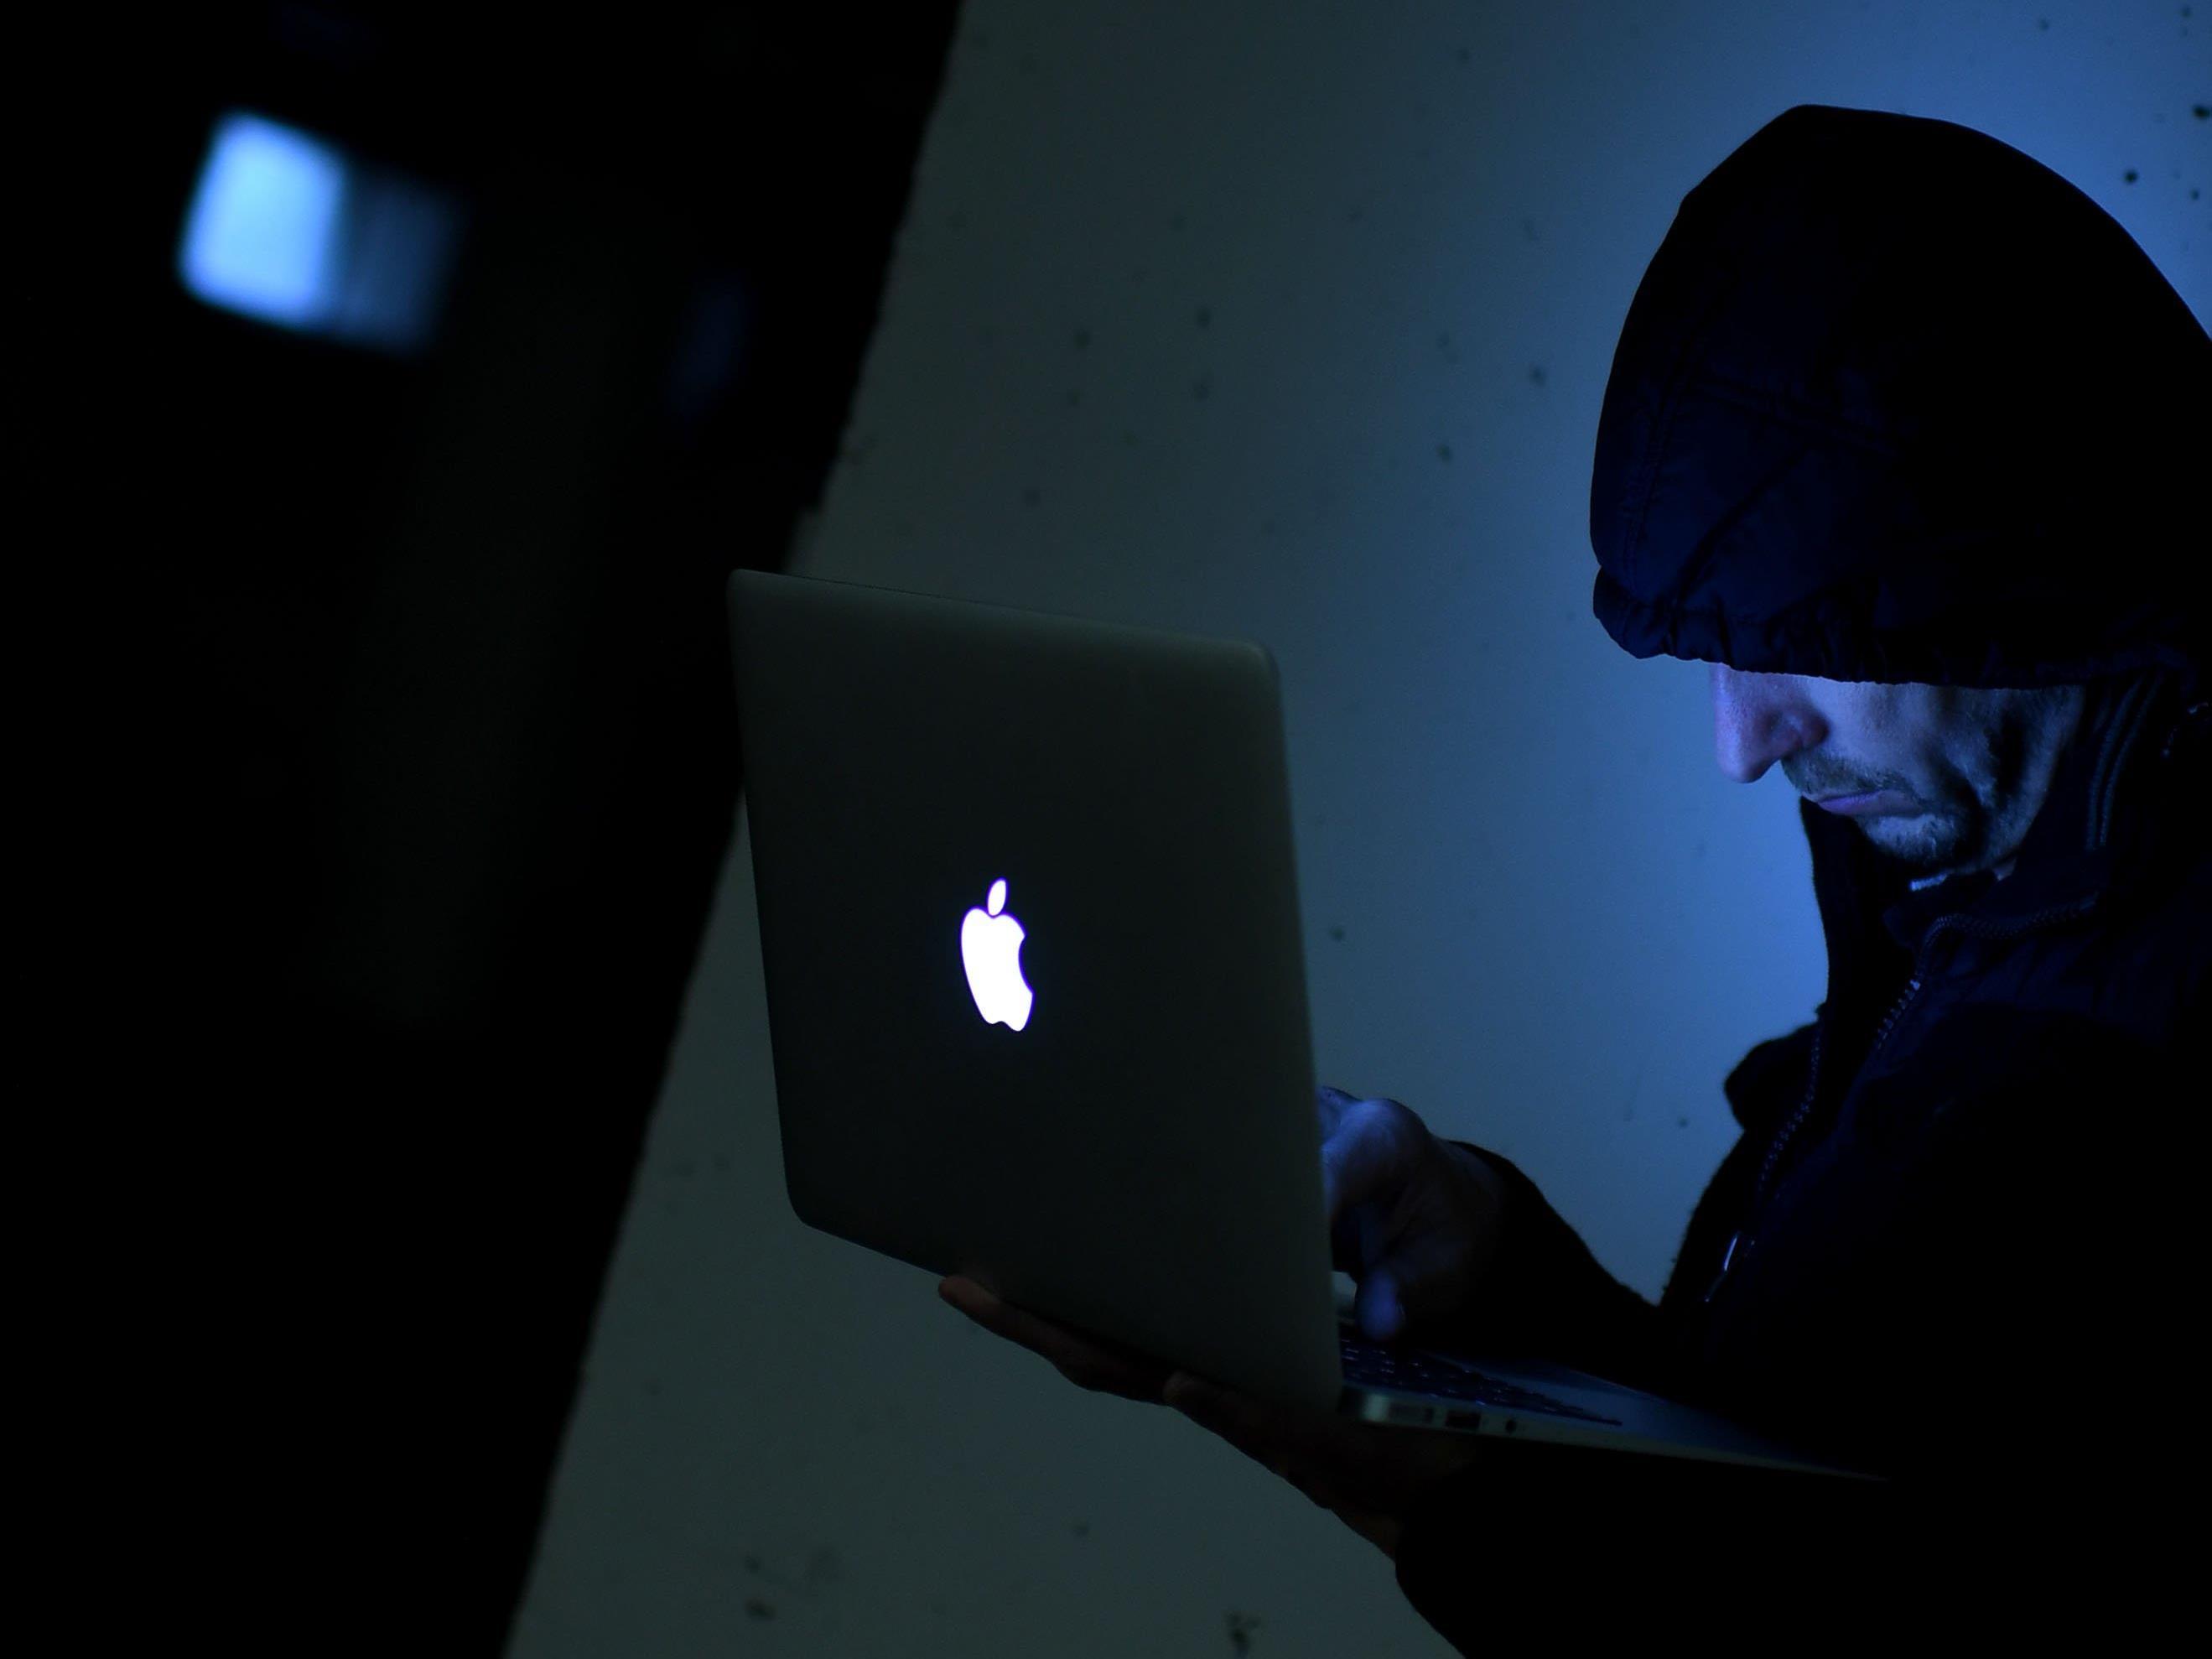 Mehr Phishing und Hacking wird beobachtet